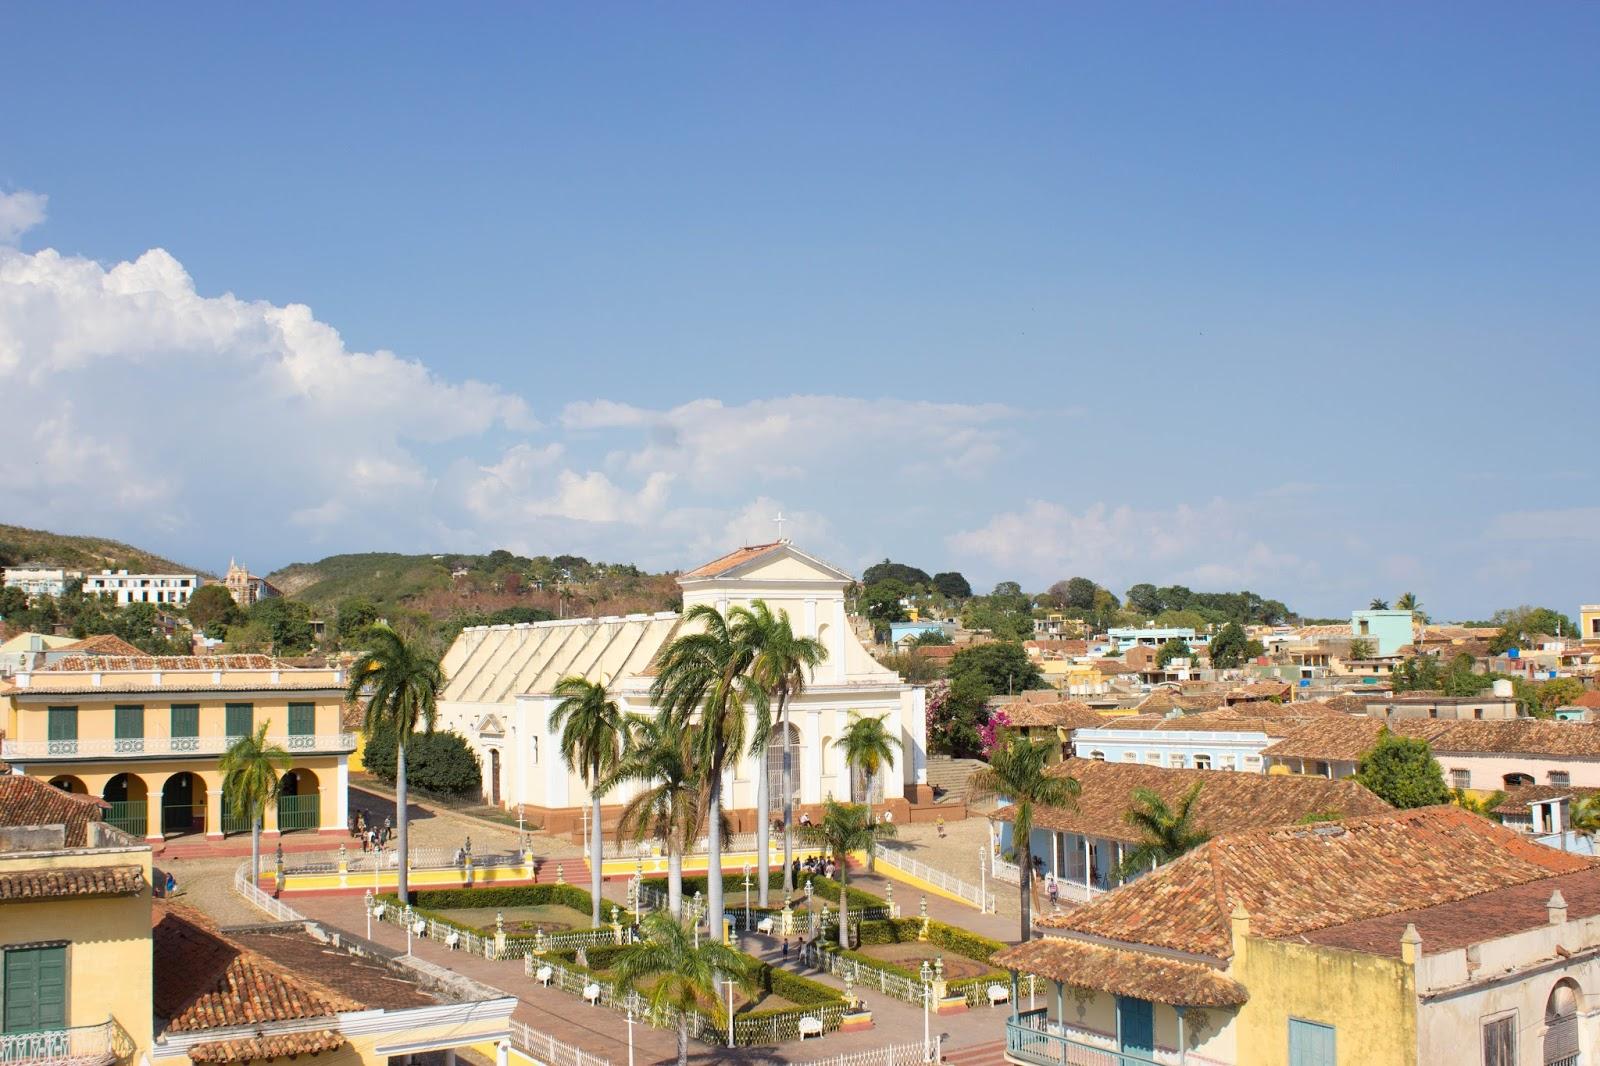 Trinidad_Cuba_Travel_Guide28529